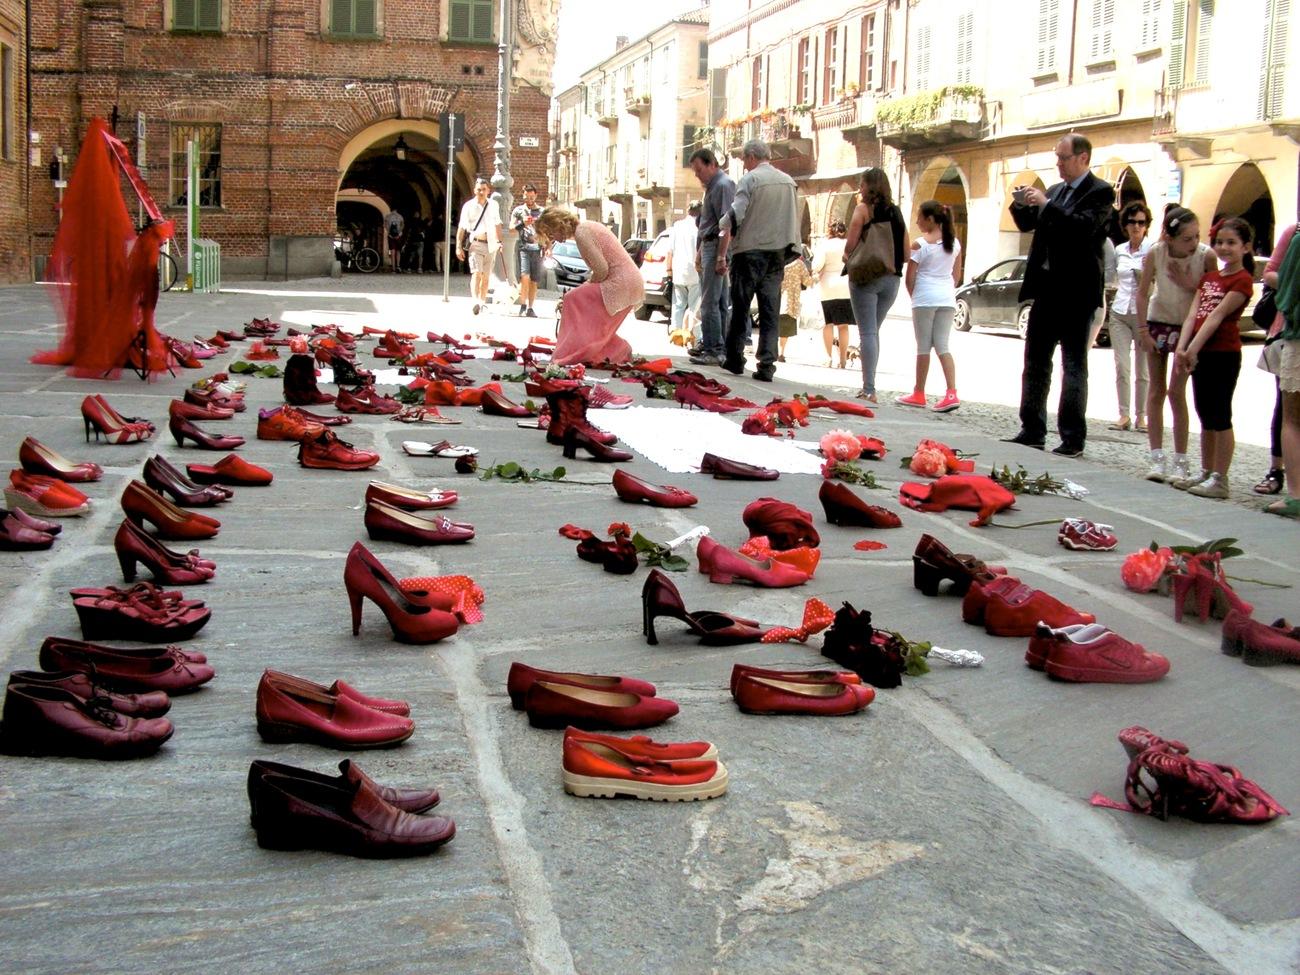 scarpette rosse nei negozi per dire no al femminicidio la fedelta scarpette rosse nei negozi per dire no